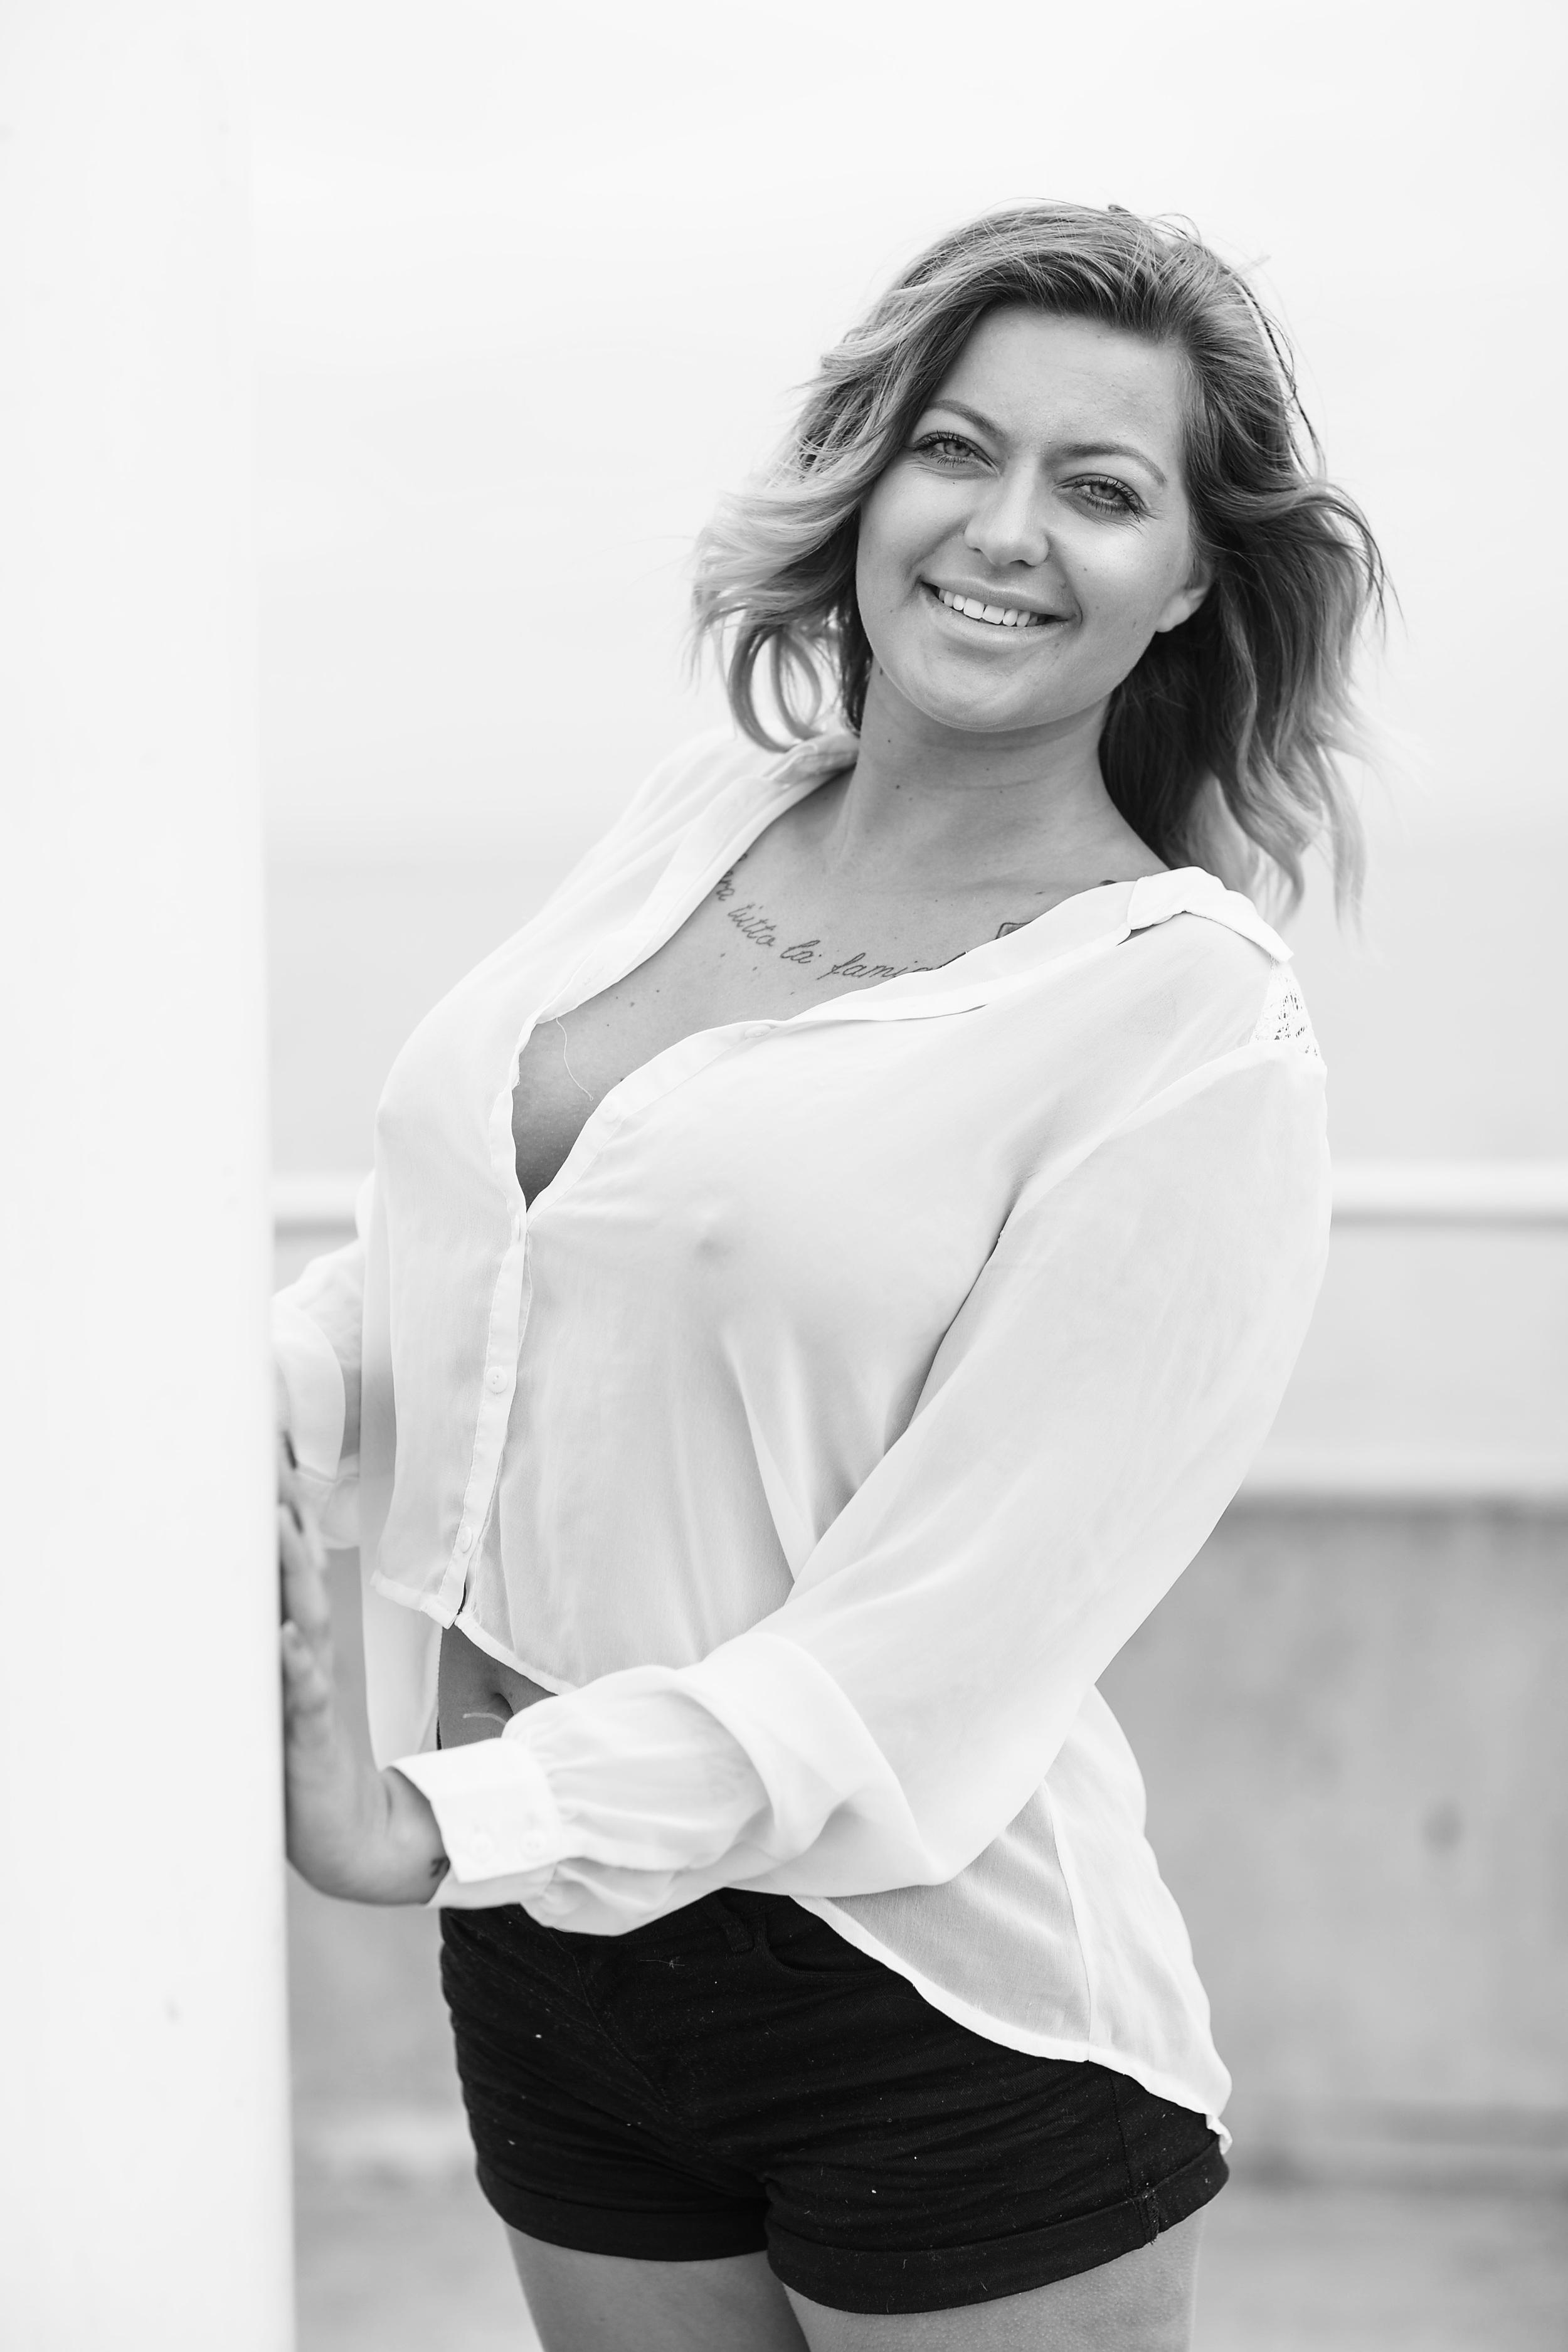 Julie Boraso Heinesen